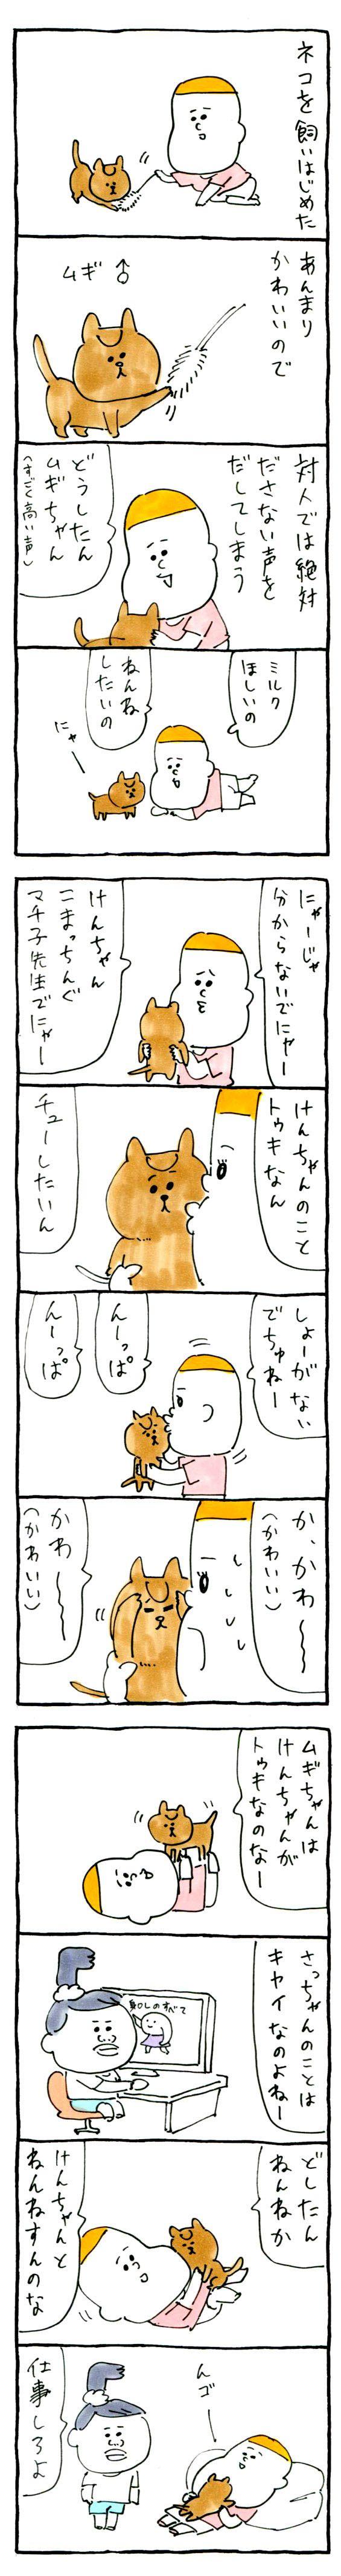 ネコを飼いはじめた話 : 手足をのばしてパタパタする